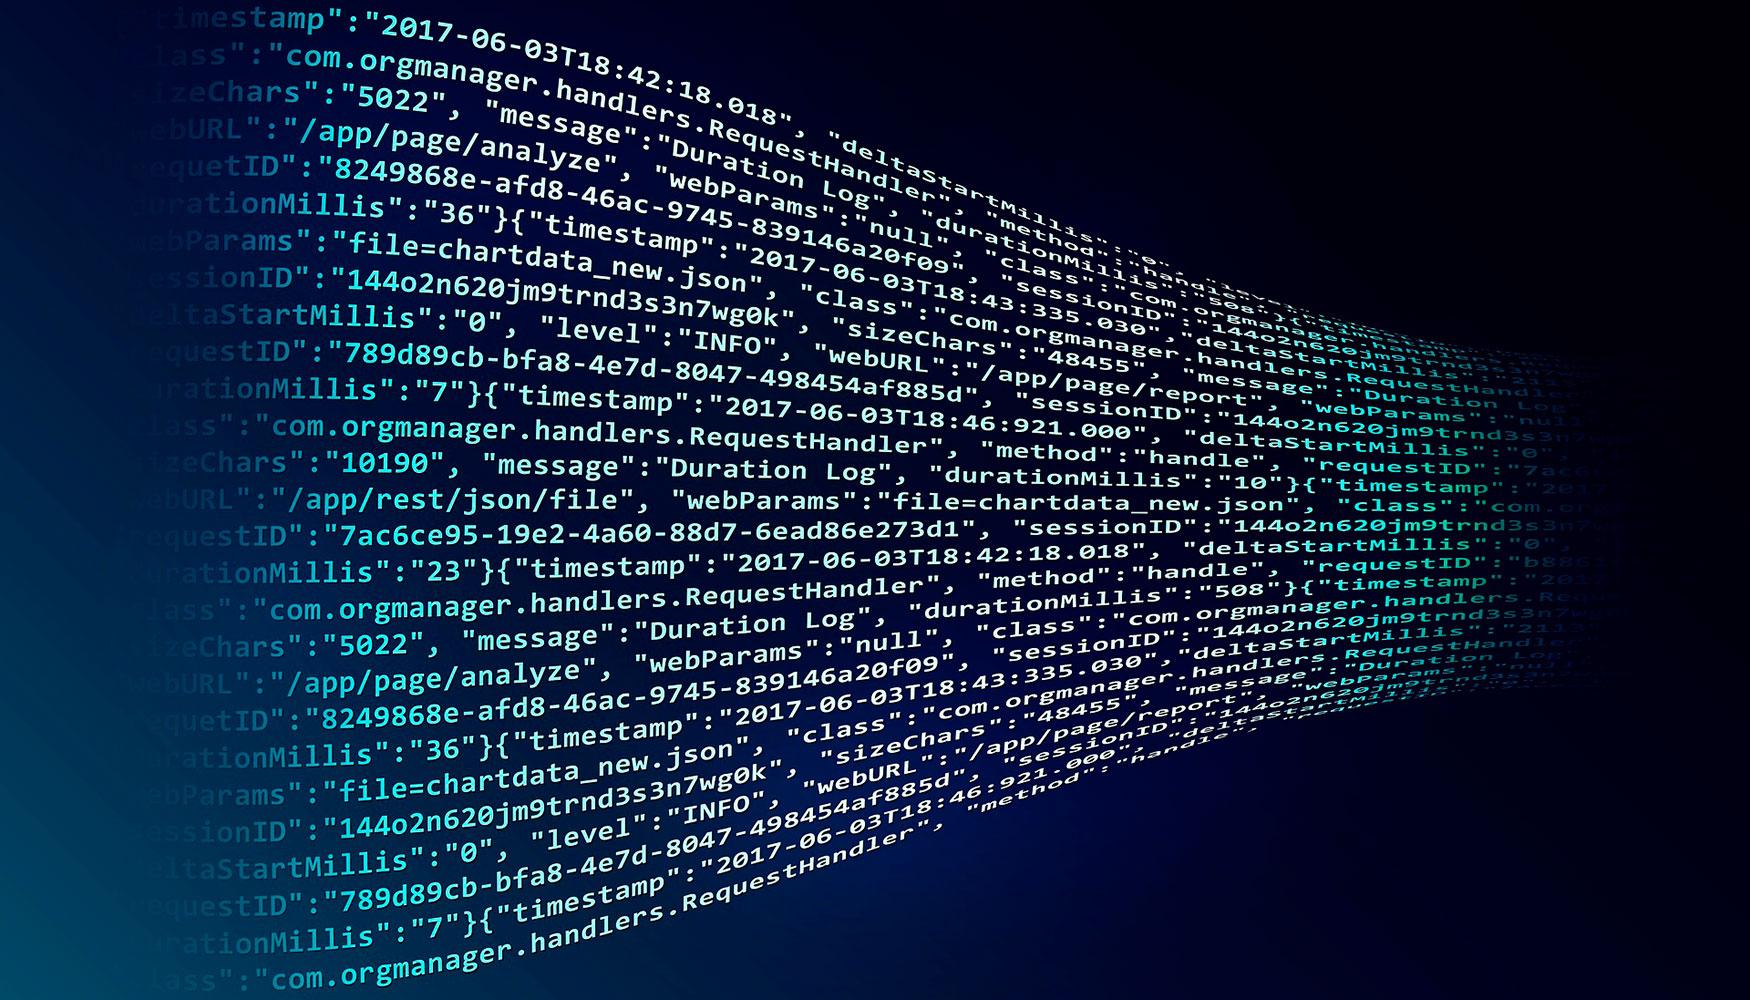 Atos Y Virtru Refuerzan La Seguridad De Datos En La Nube